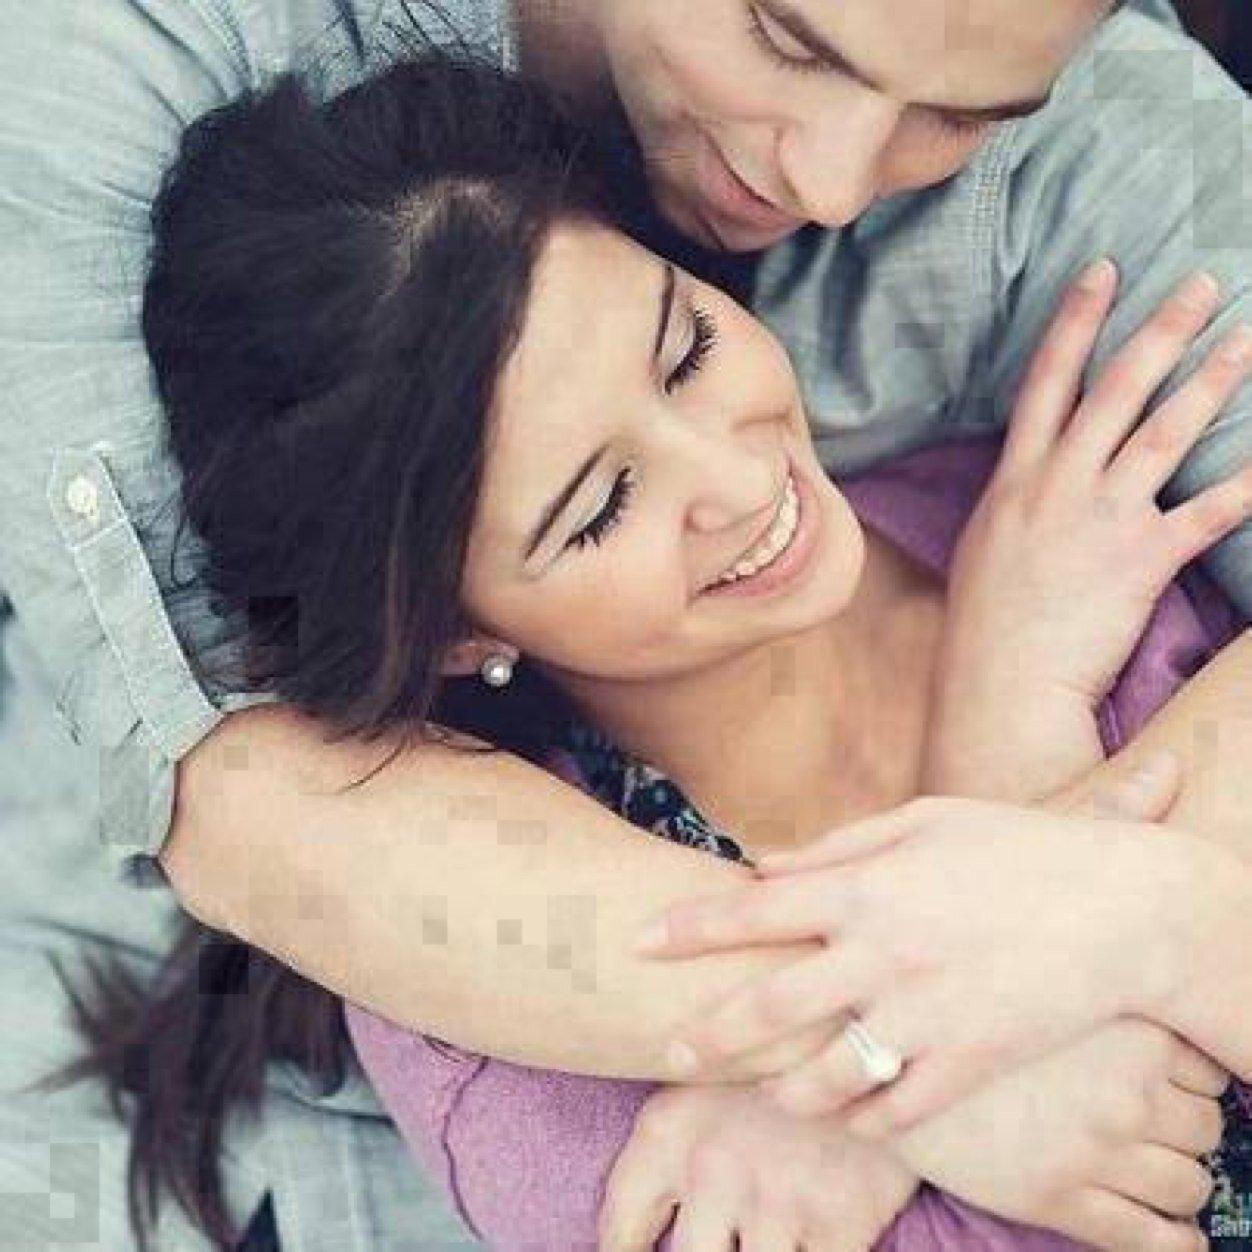 صور جميع الصور الرومانسية , اكبر عدد ممكن تشوفه من اجمل الصور الرومانسيه